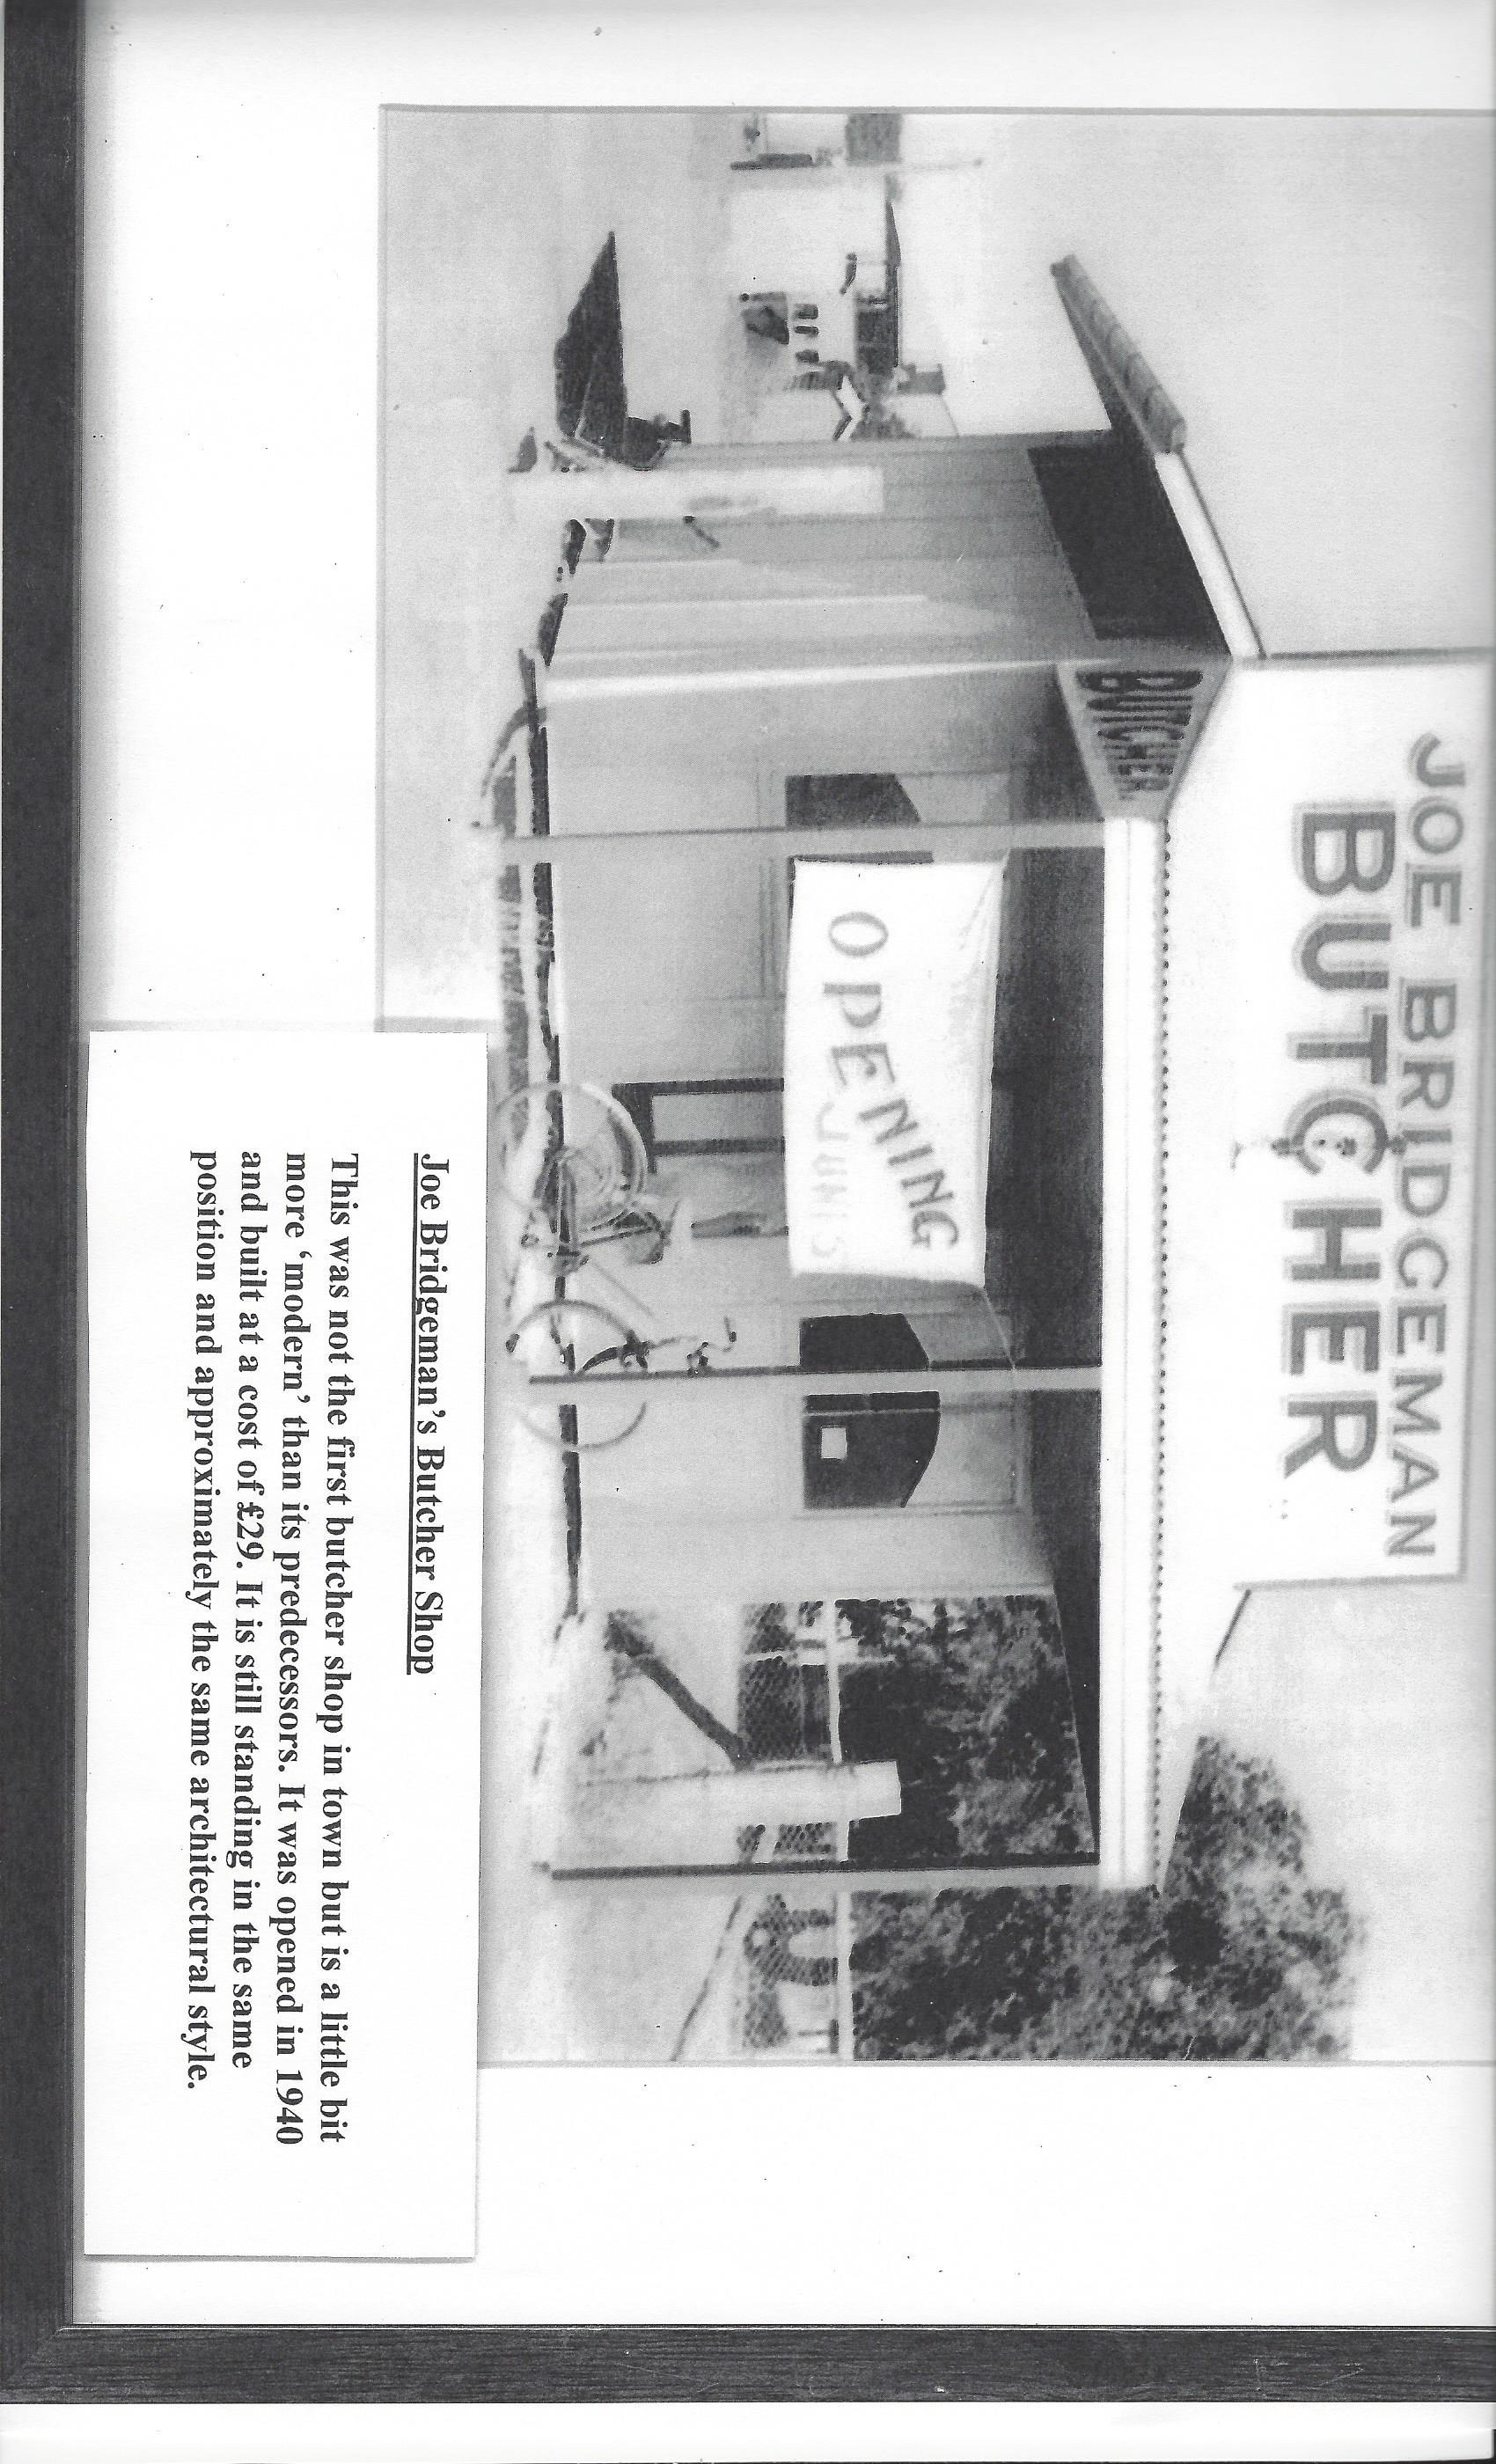 04 Joe Bridgeman Butcher